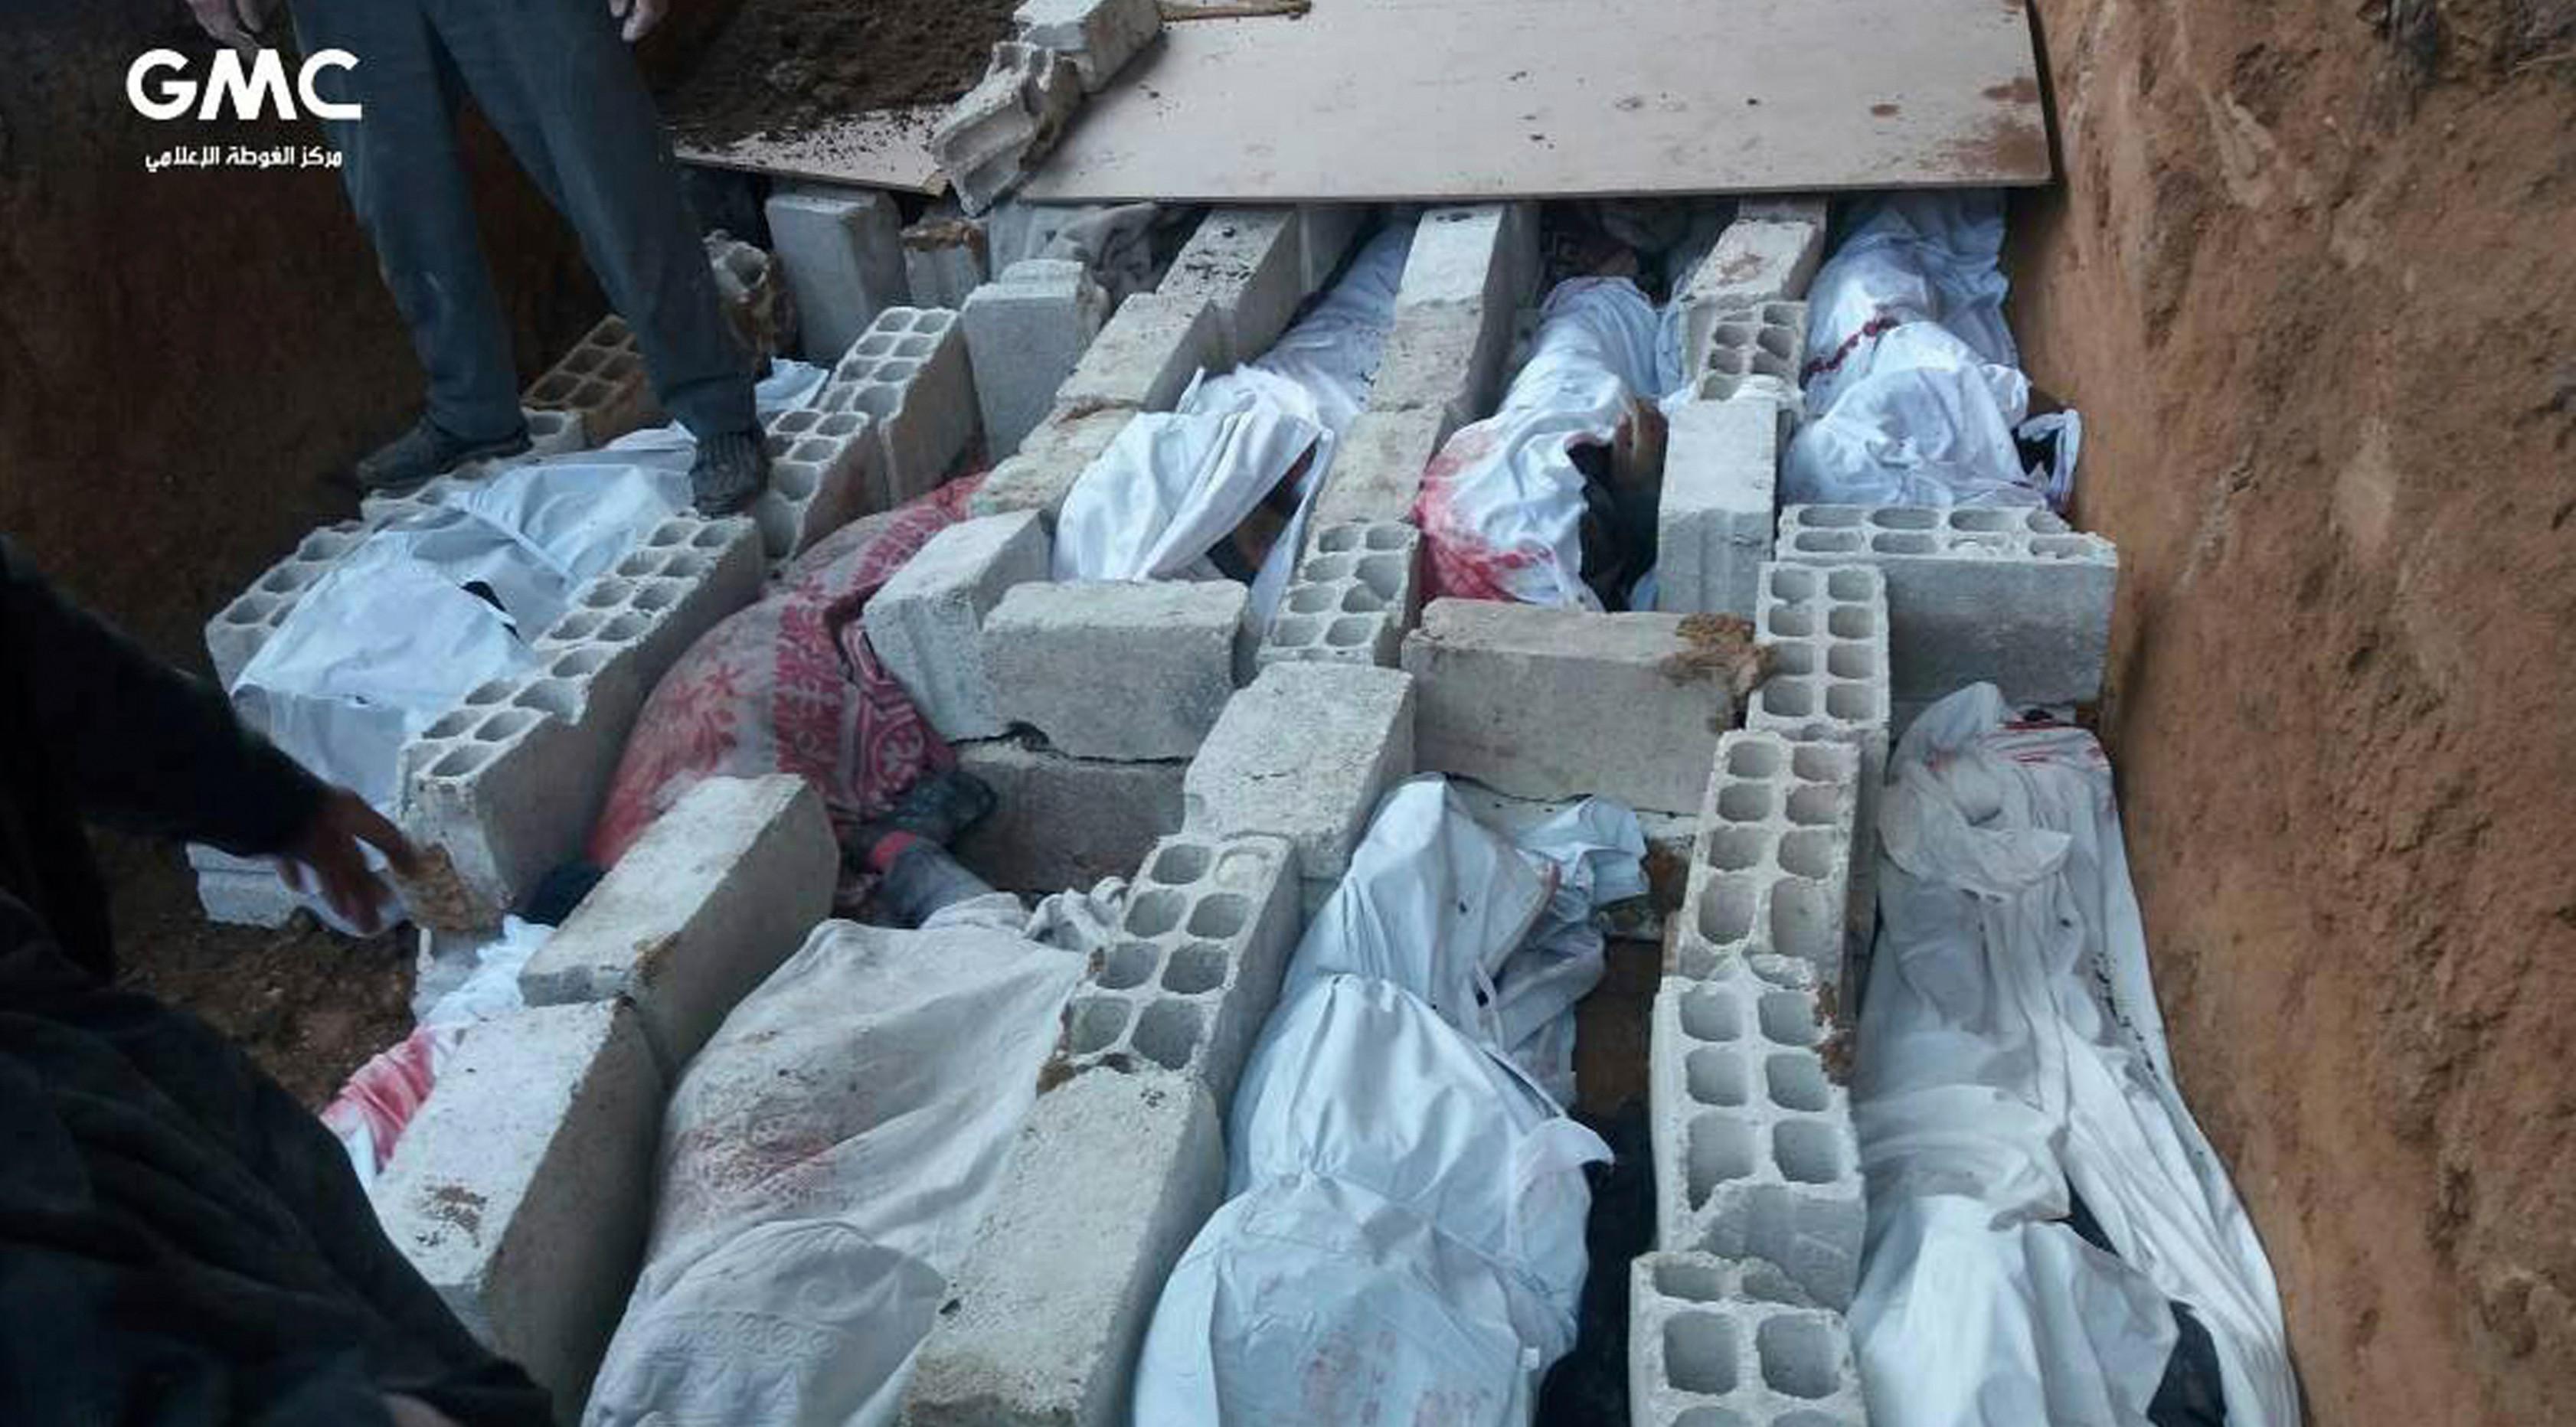 Penampakan jasad korban yang terbunuh saat serangan udara pemerintah Suriah di Ghouta, pinggiran kota Damaskus, Suriah, Rabu (21/2). (Ghouta Media Center via AP)